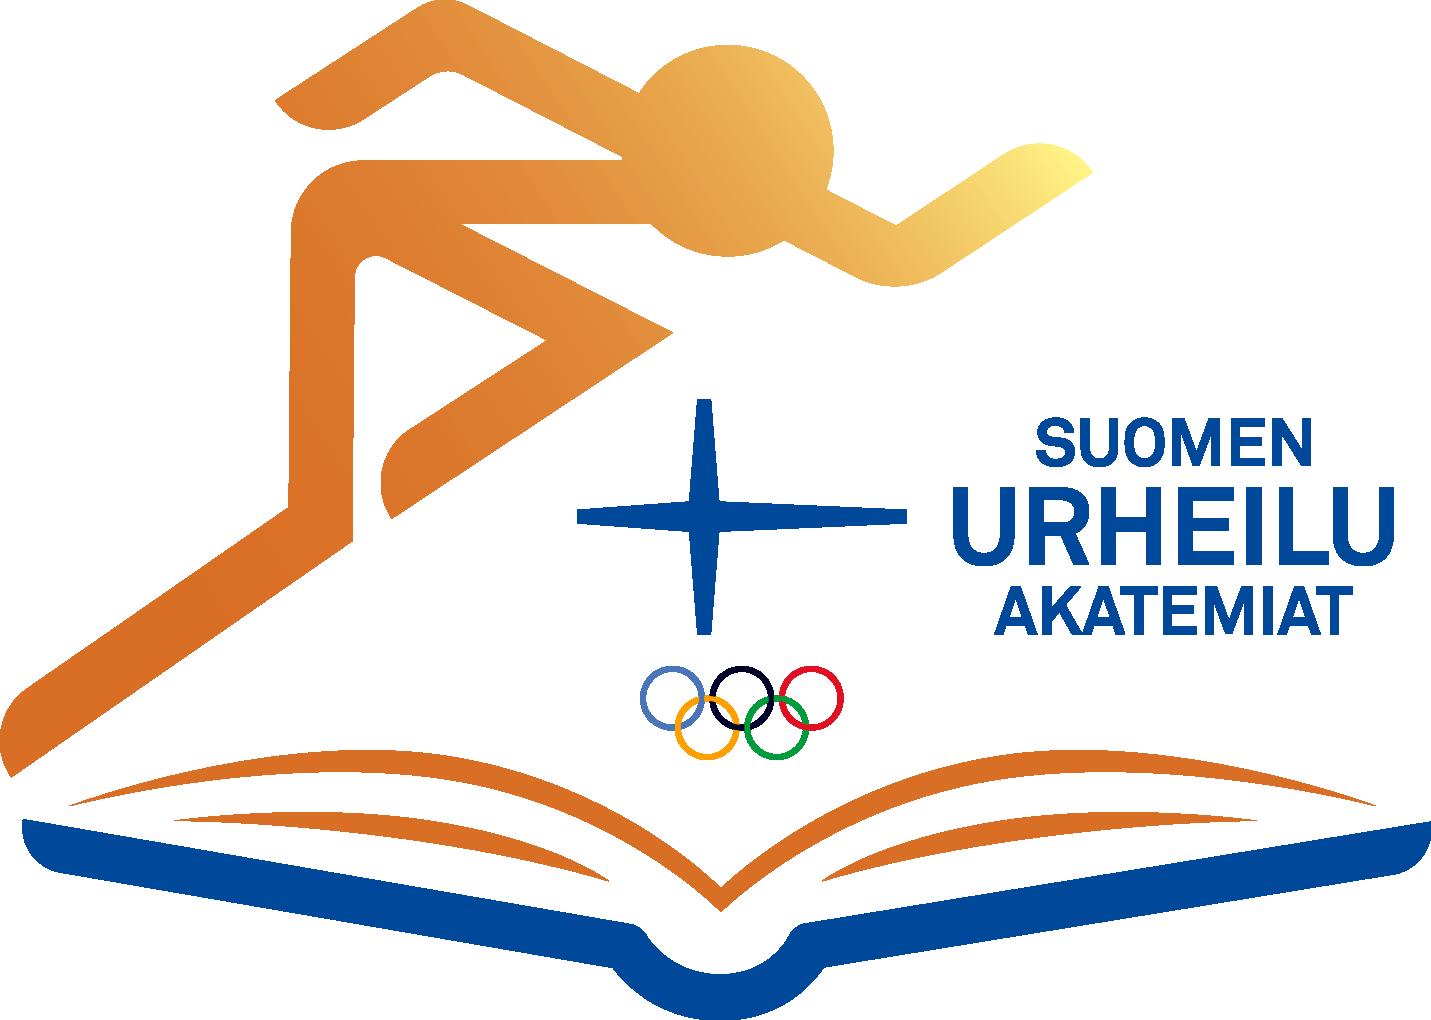 Suomen Urheiluakatemiat